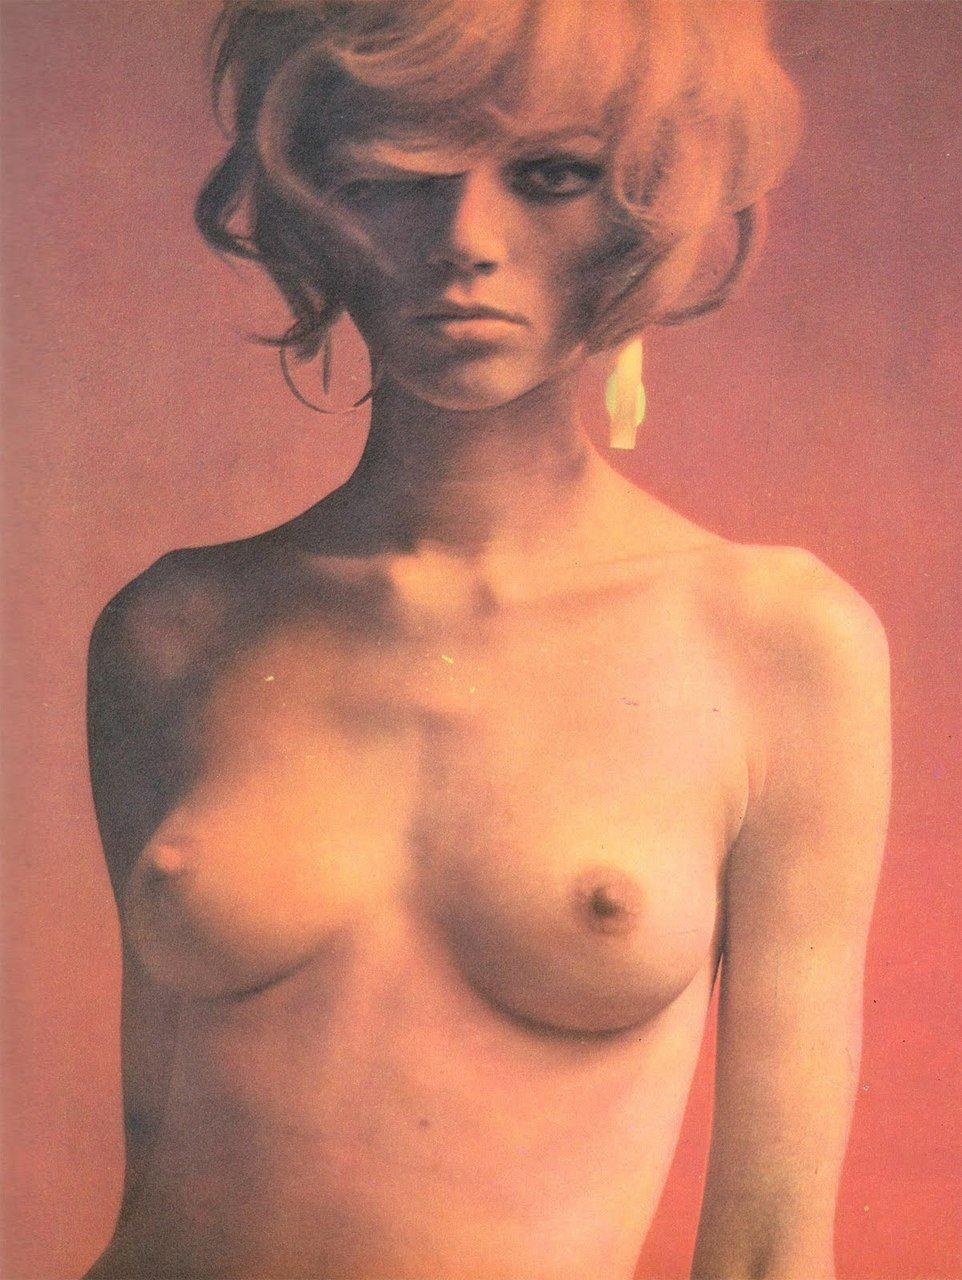 vintage-erotic-photos-98